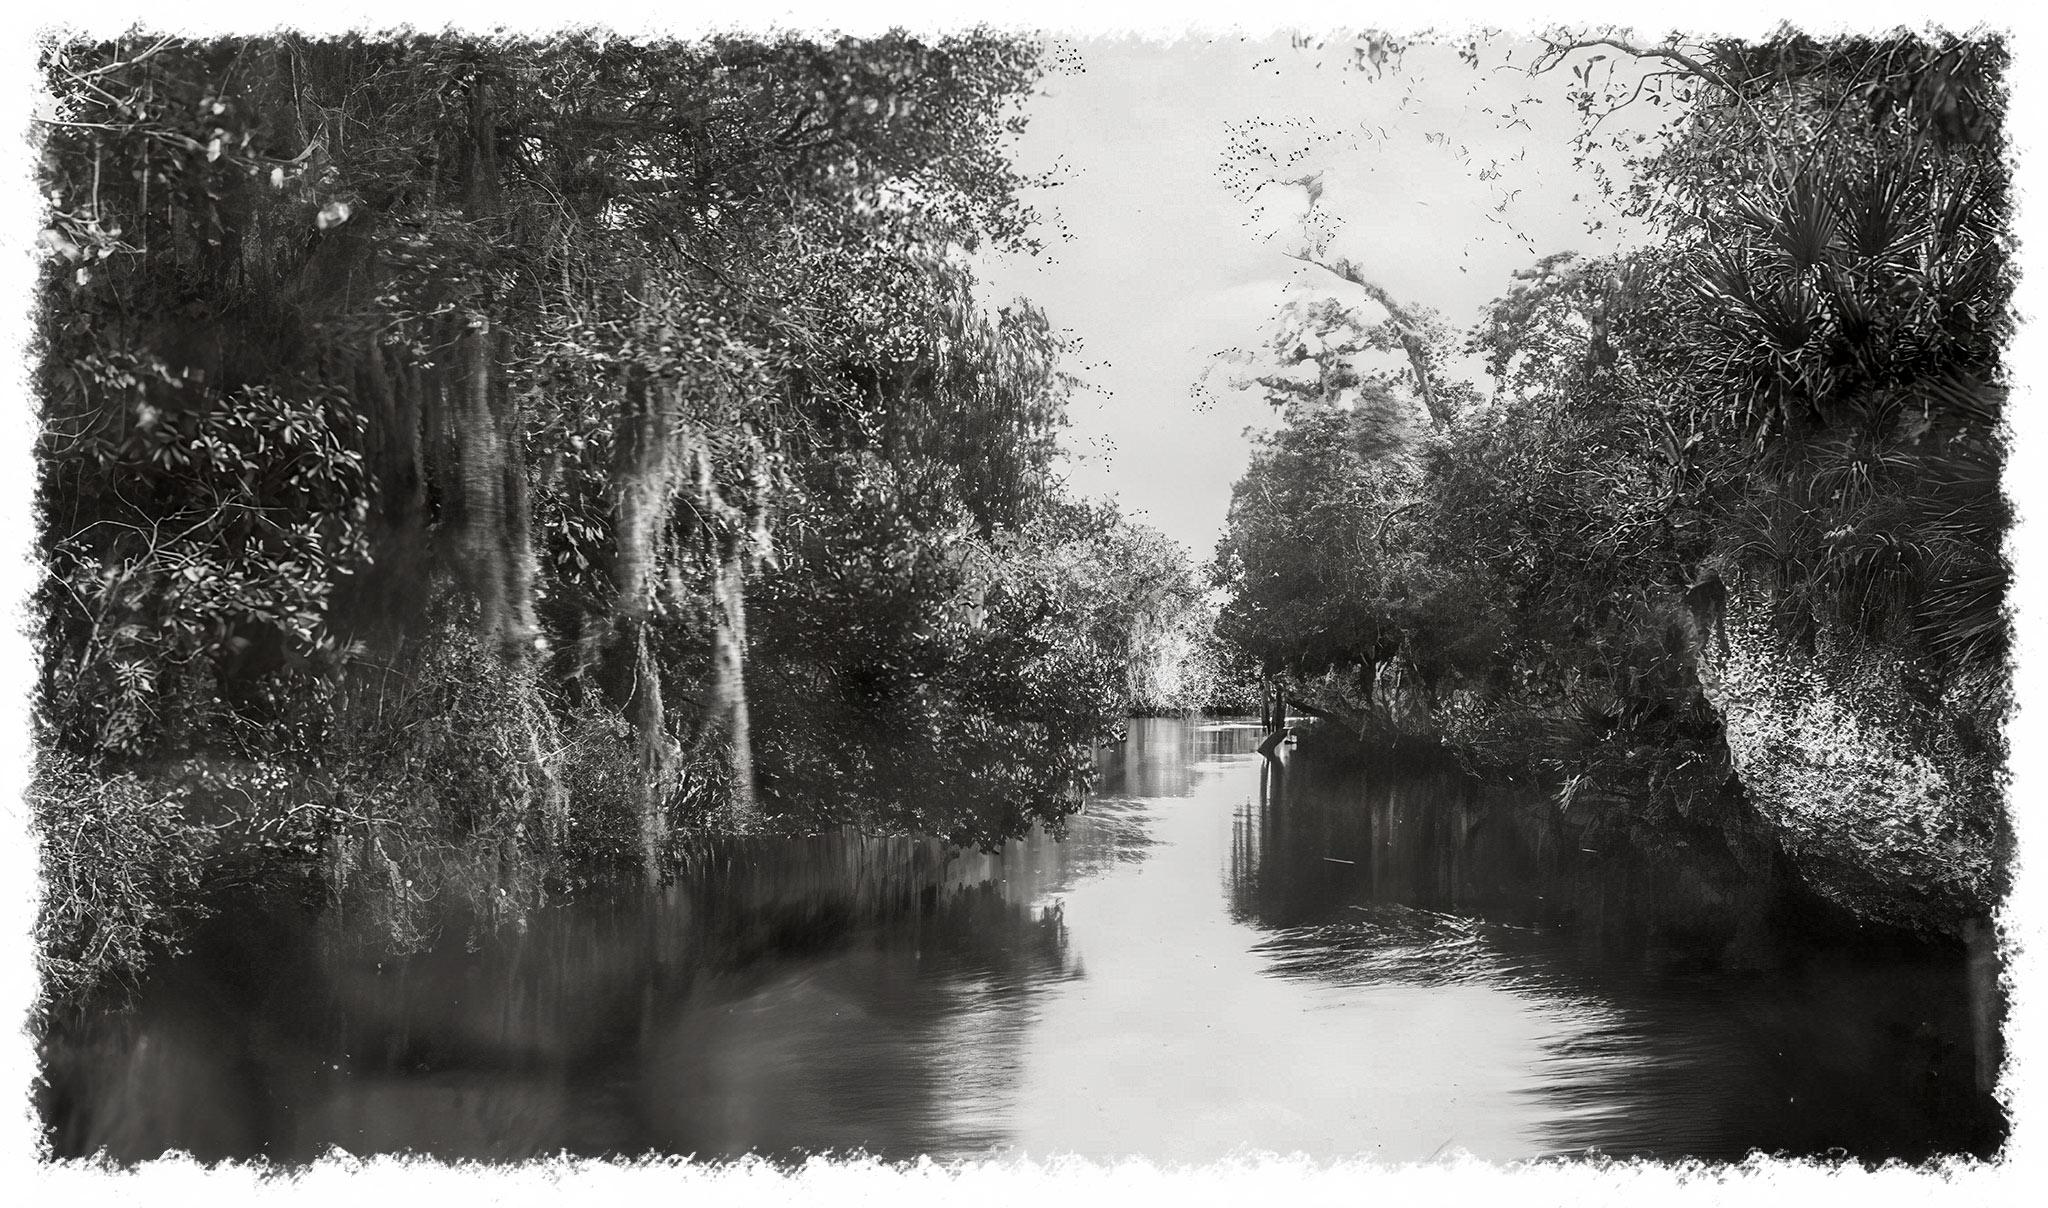 Arch Creek Photo by Ralph Monroe